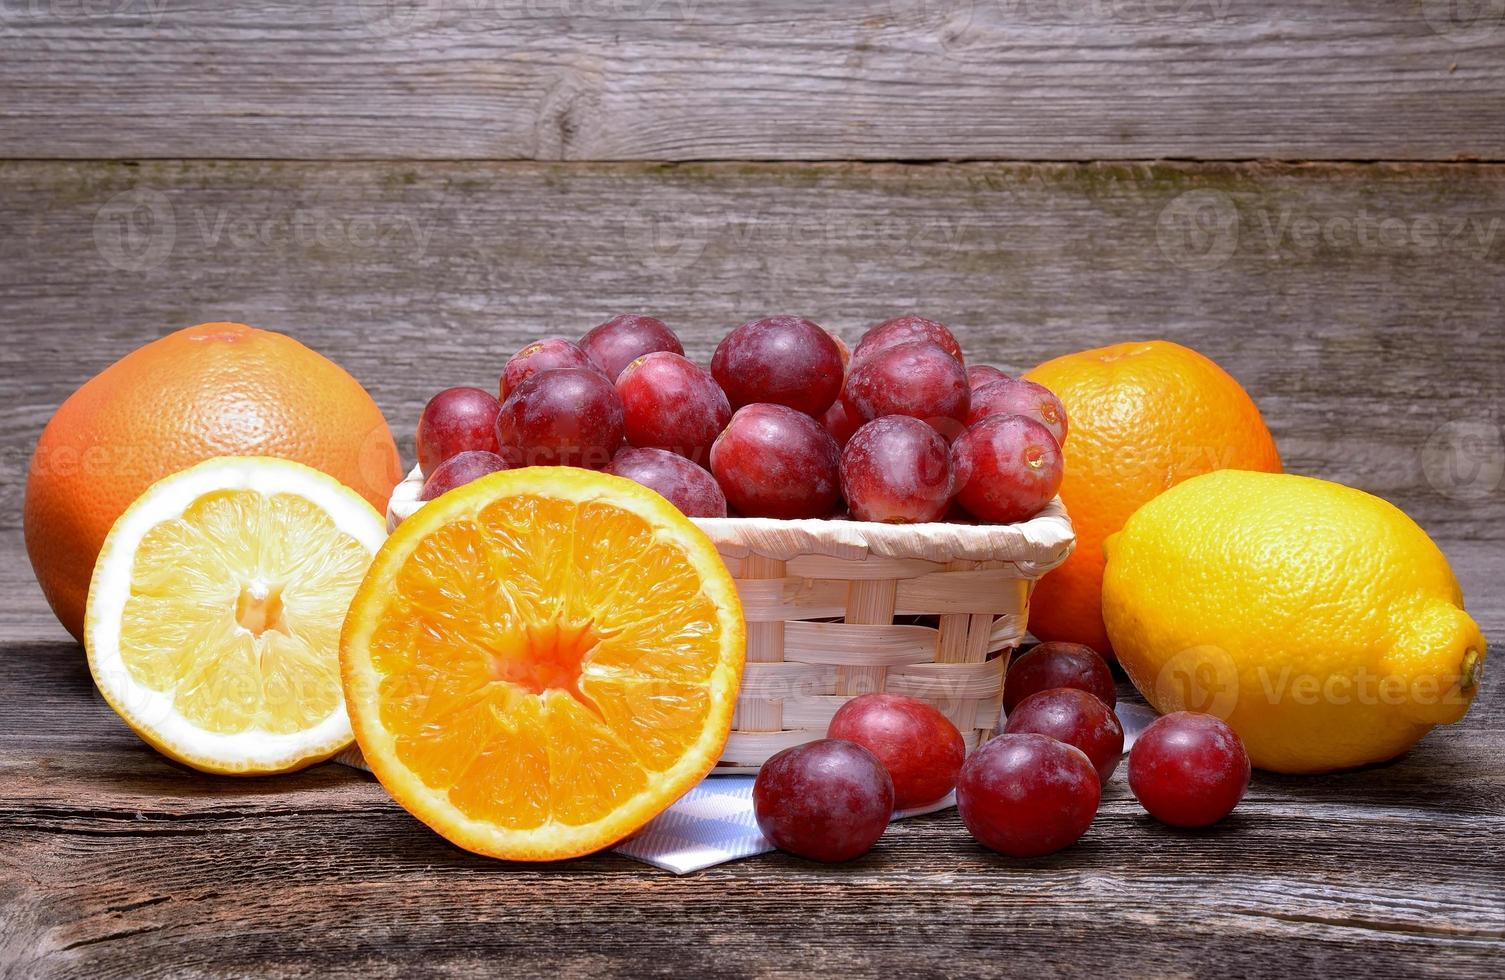 sortiment av frukter på trä bakgrund foto